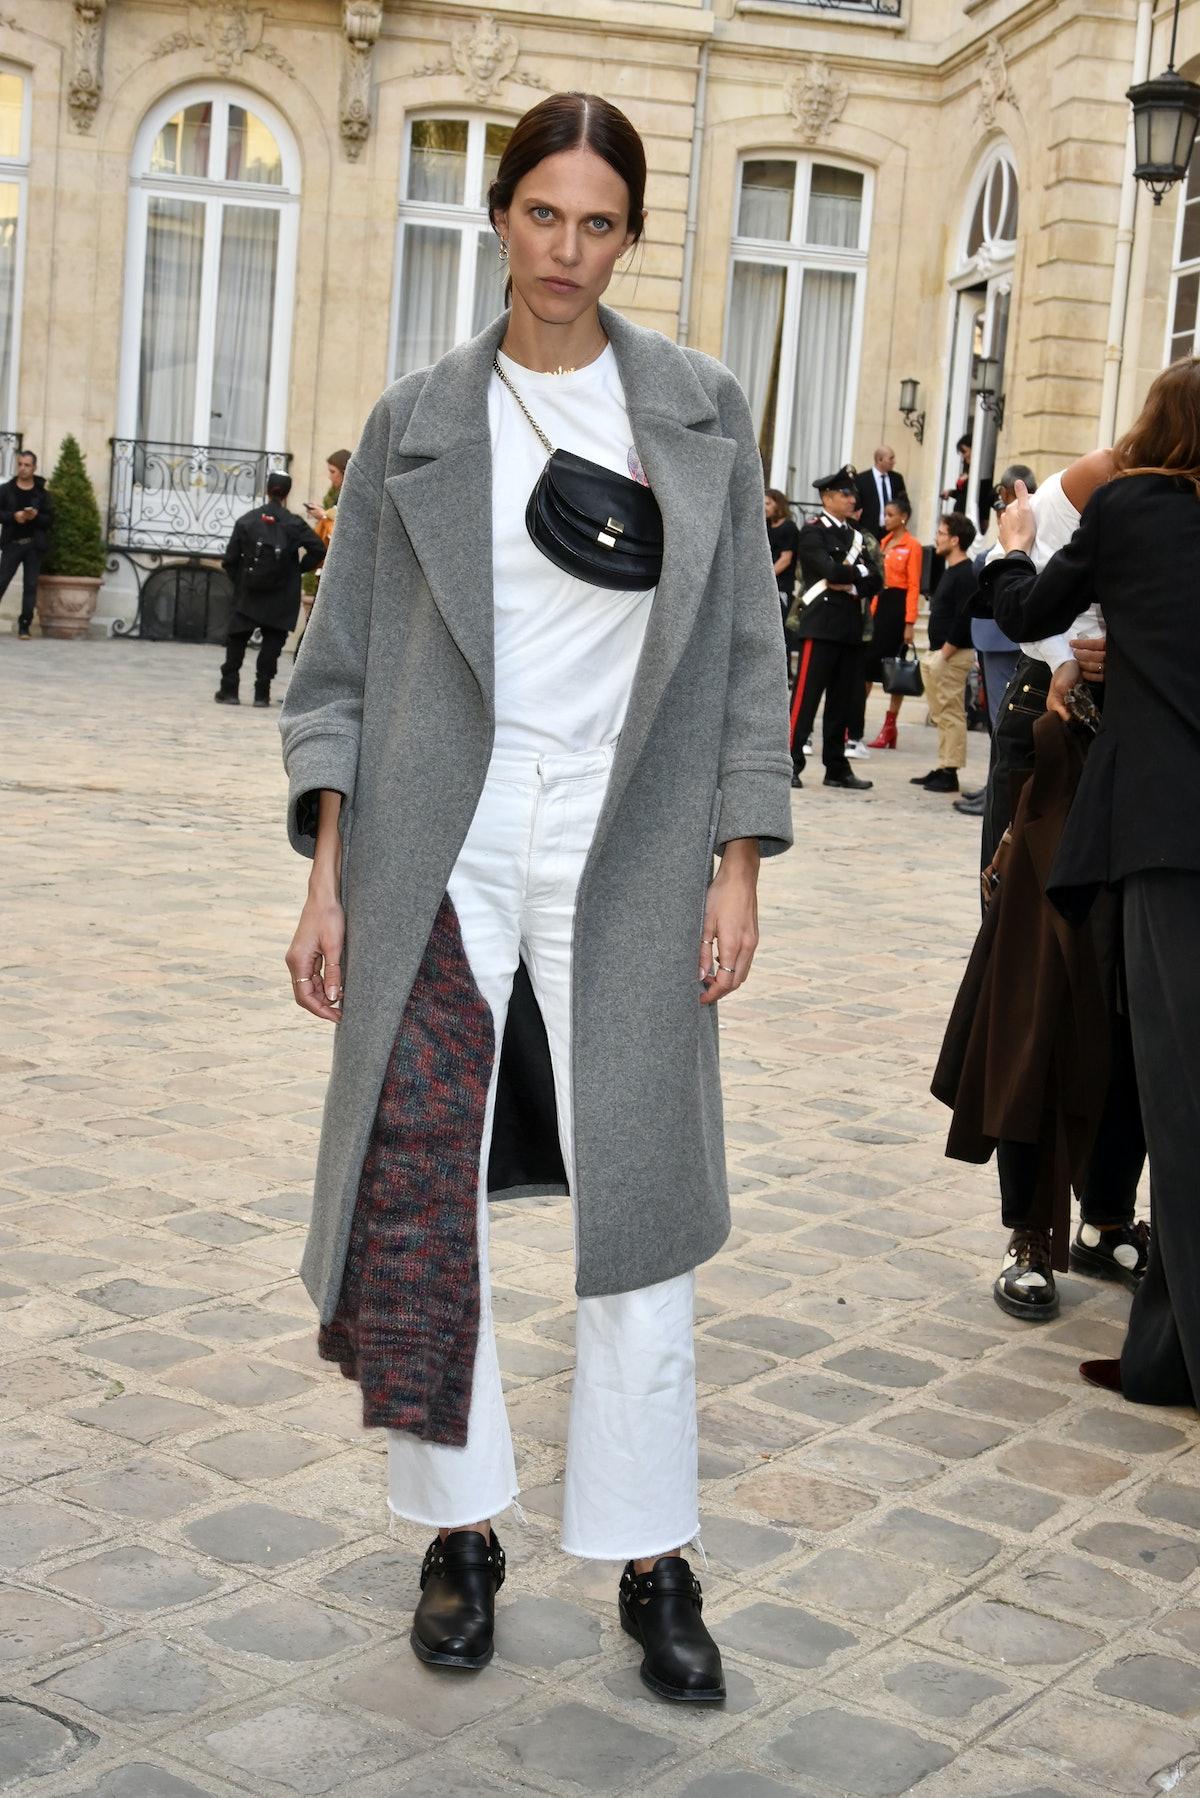 Jacquemus : Outside Arrivals - Paris Fashion Week Womenswear Spring/Summer 2019